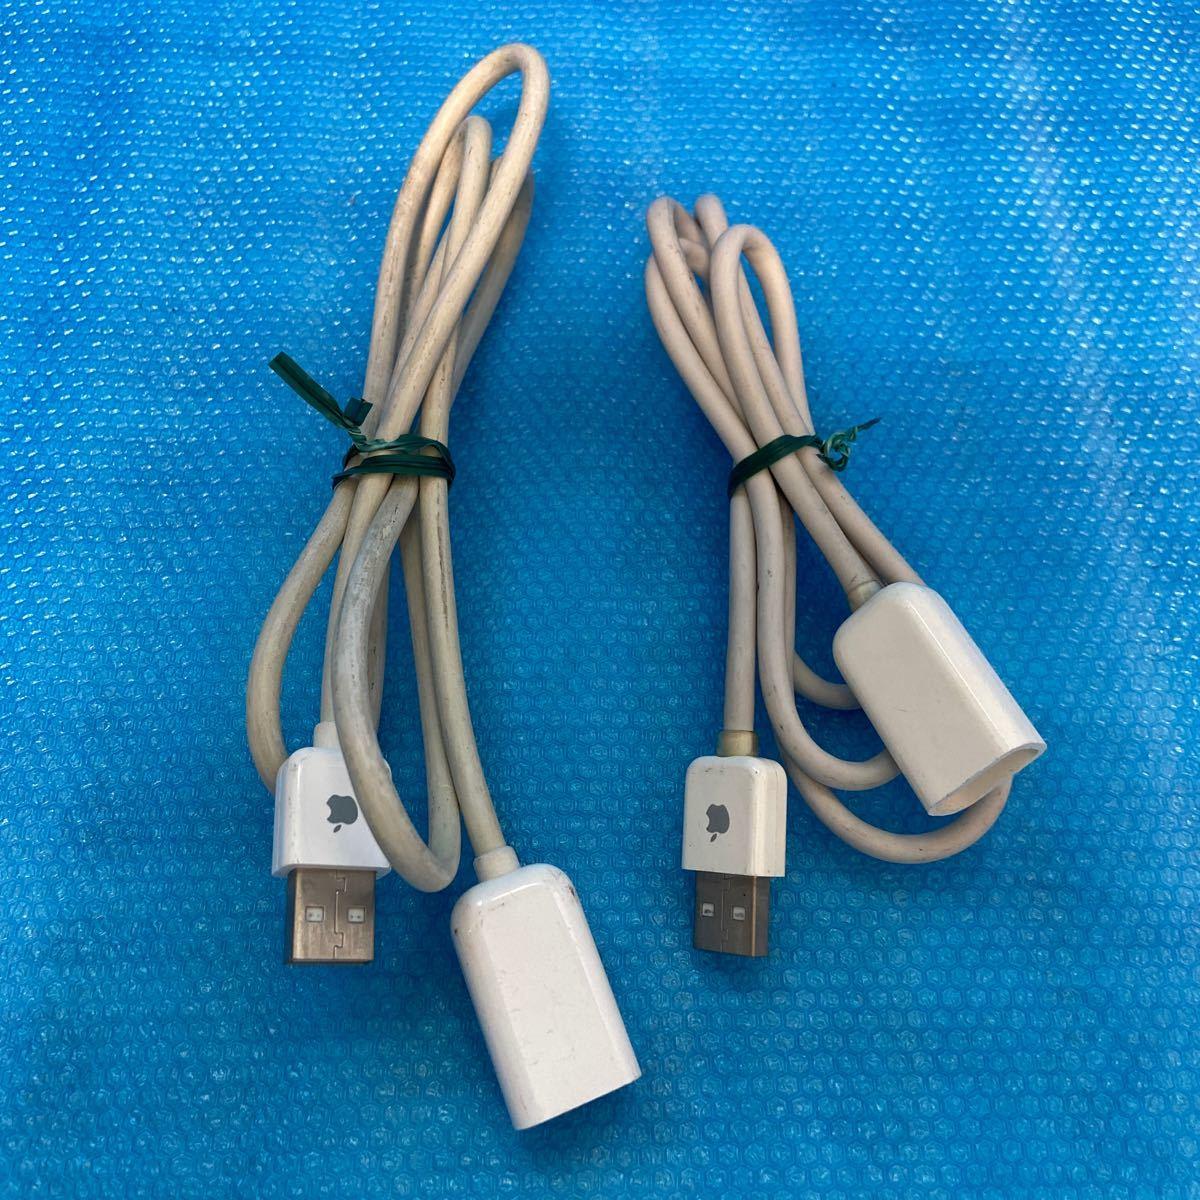 USBケーブル Apple USB アップル 延長ケーブル 2本